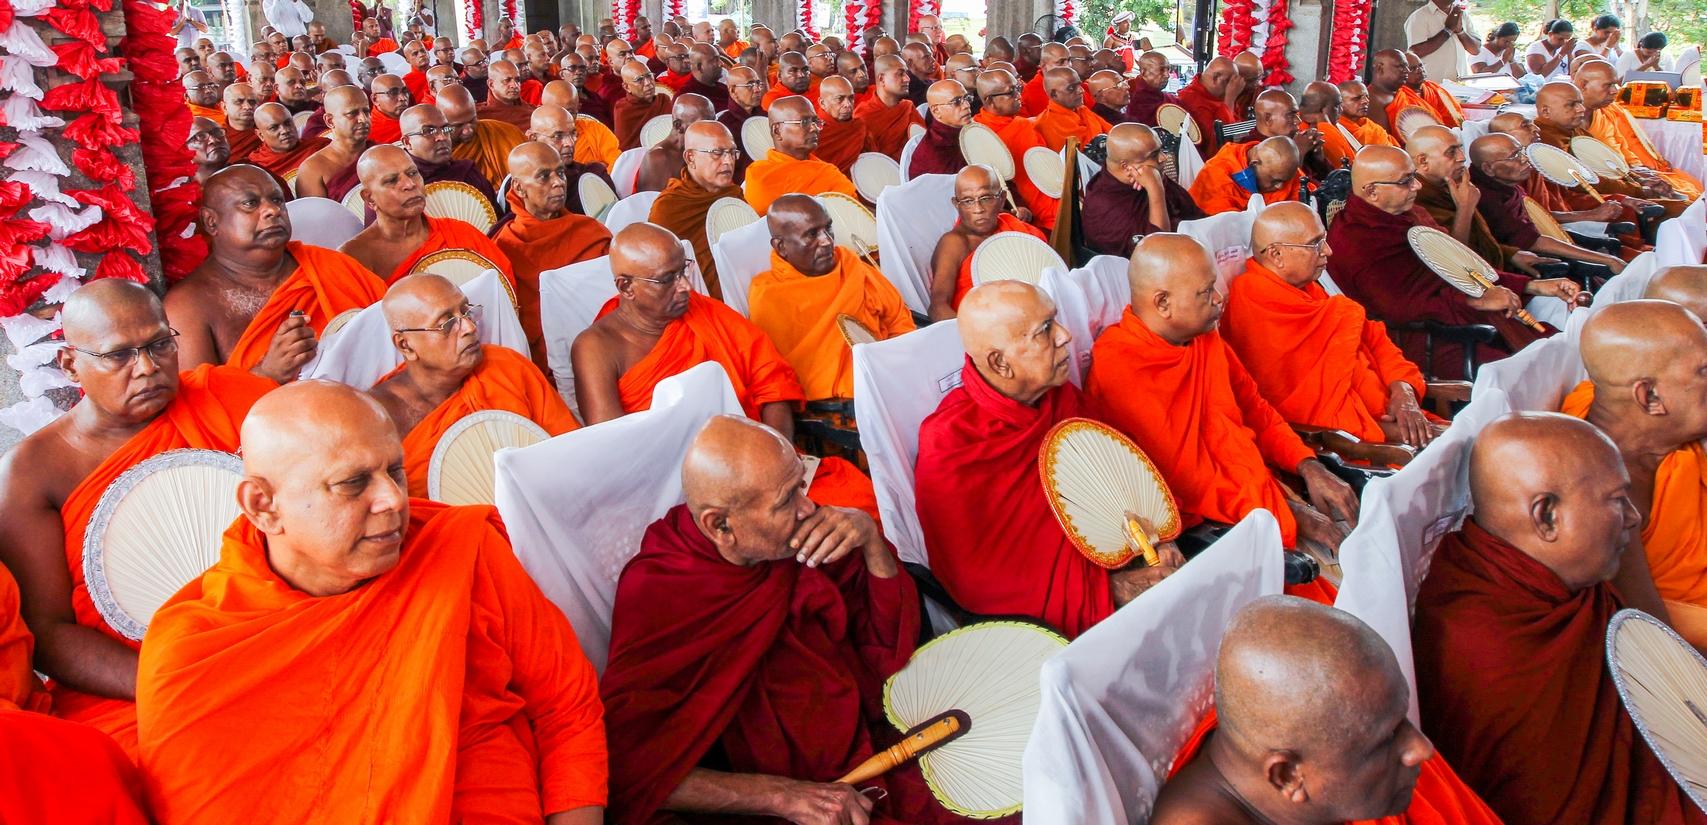 வவுனியாவில் வடமாகாண ஆளுனரின் ஏற்பாட்டில் பௌத்த மாநாடு!